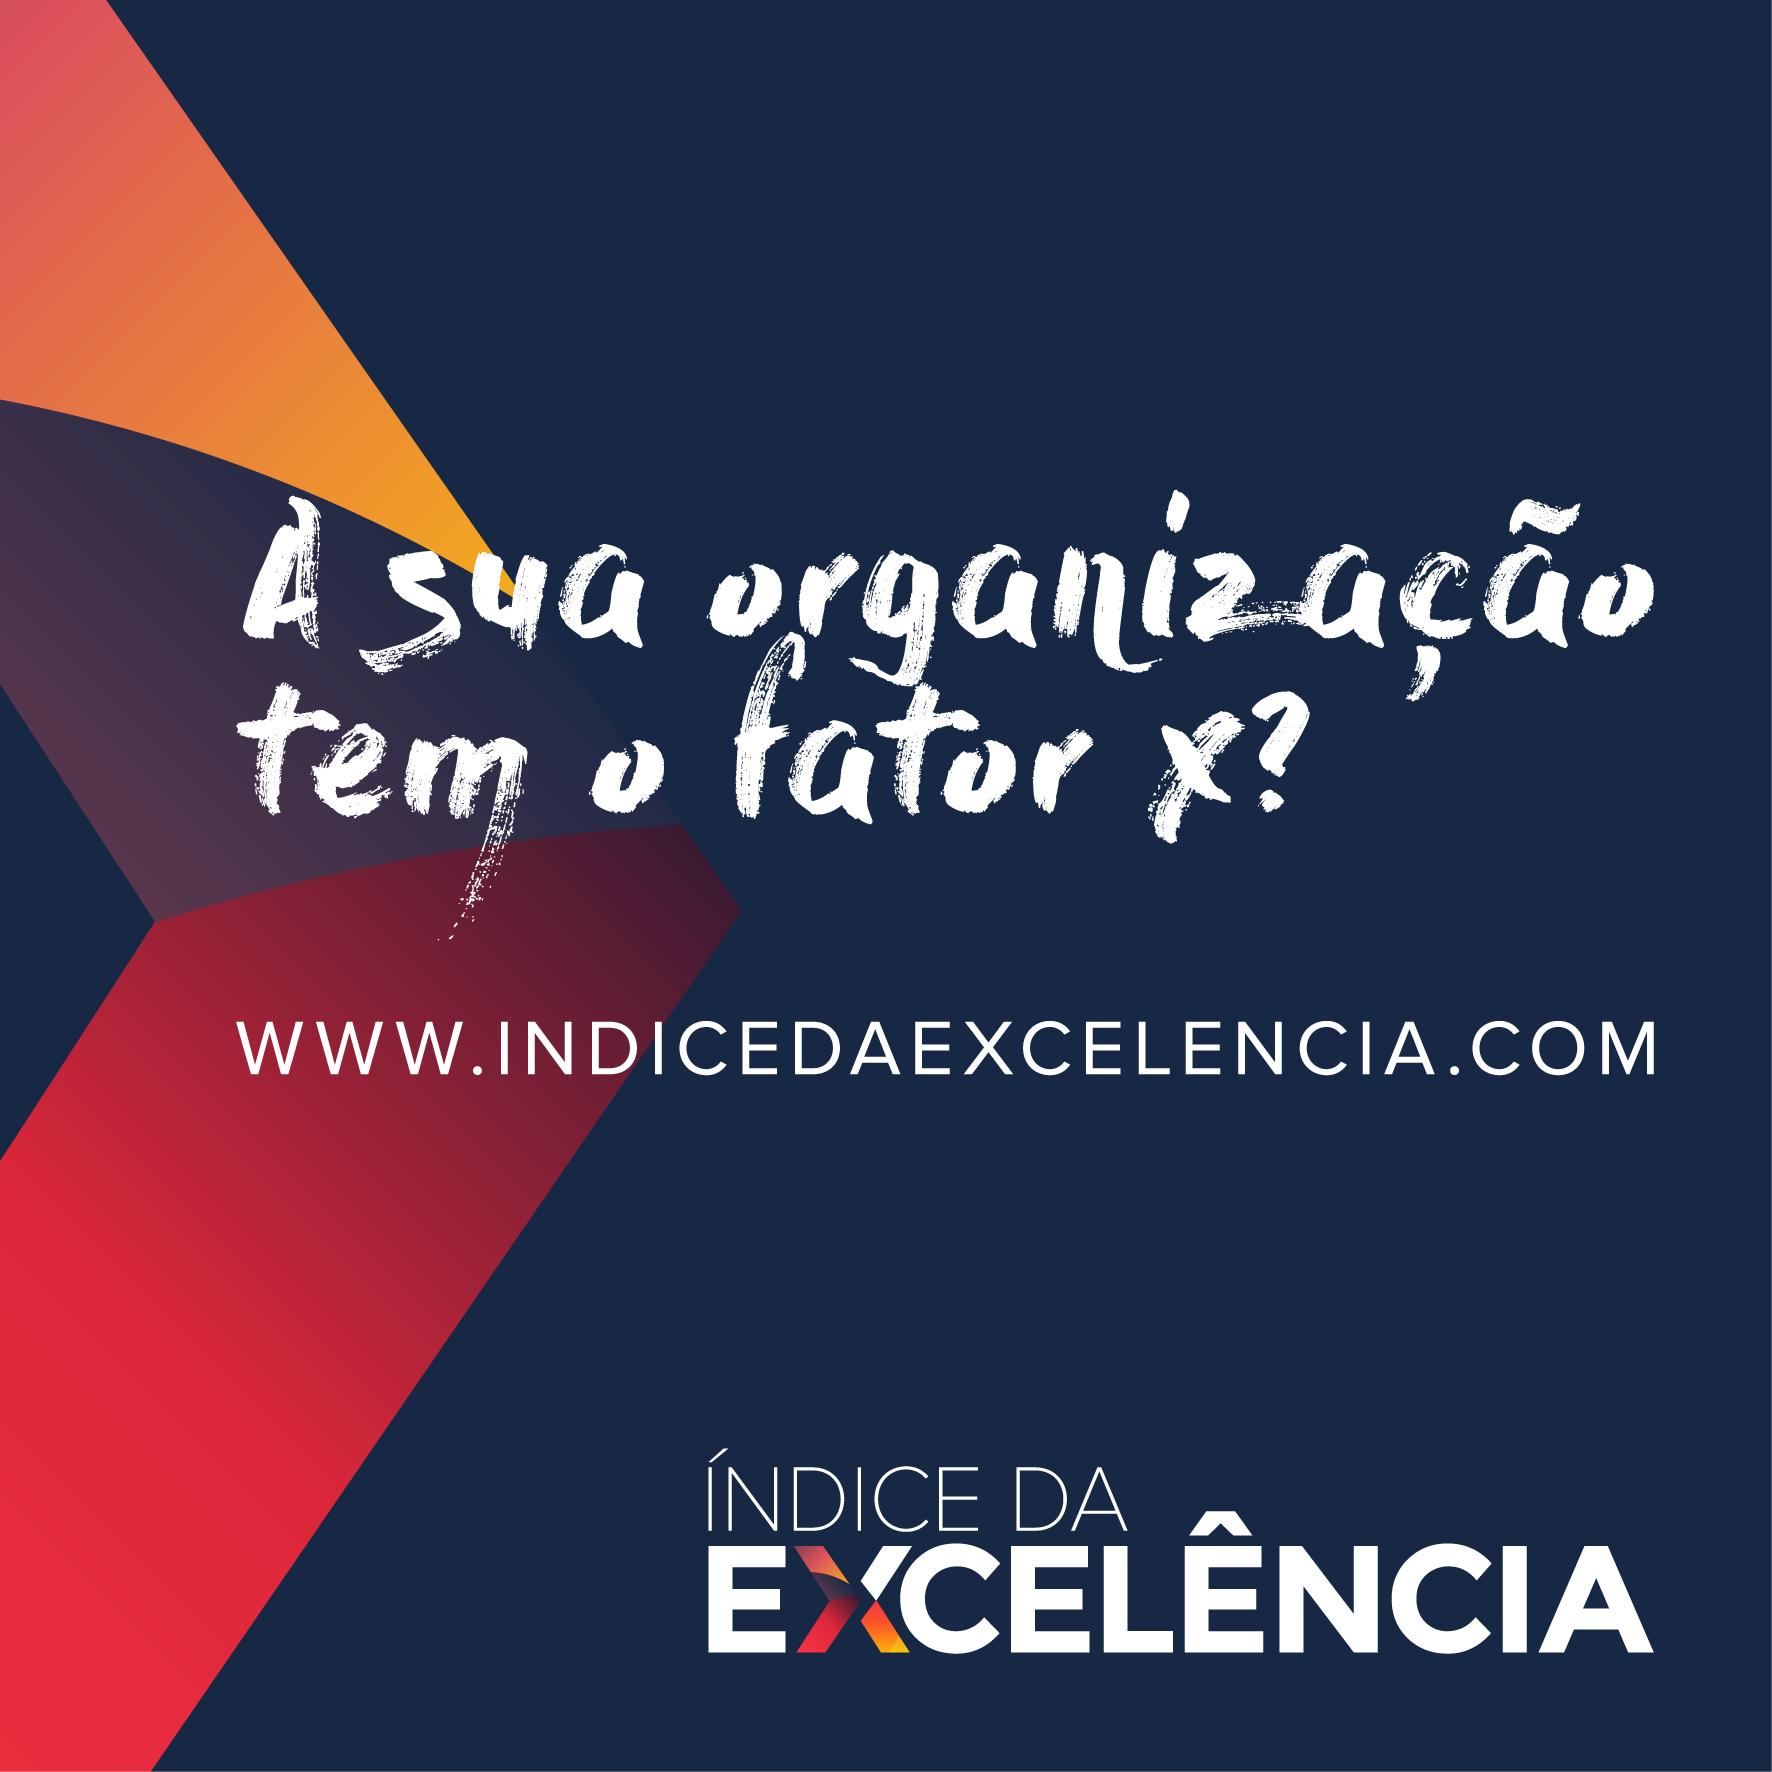 indicedaexcelencia